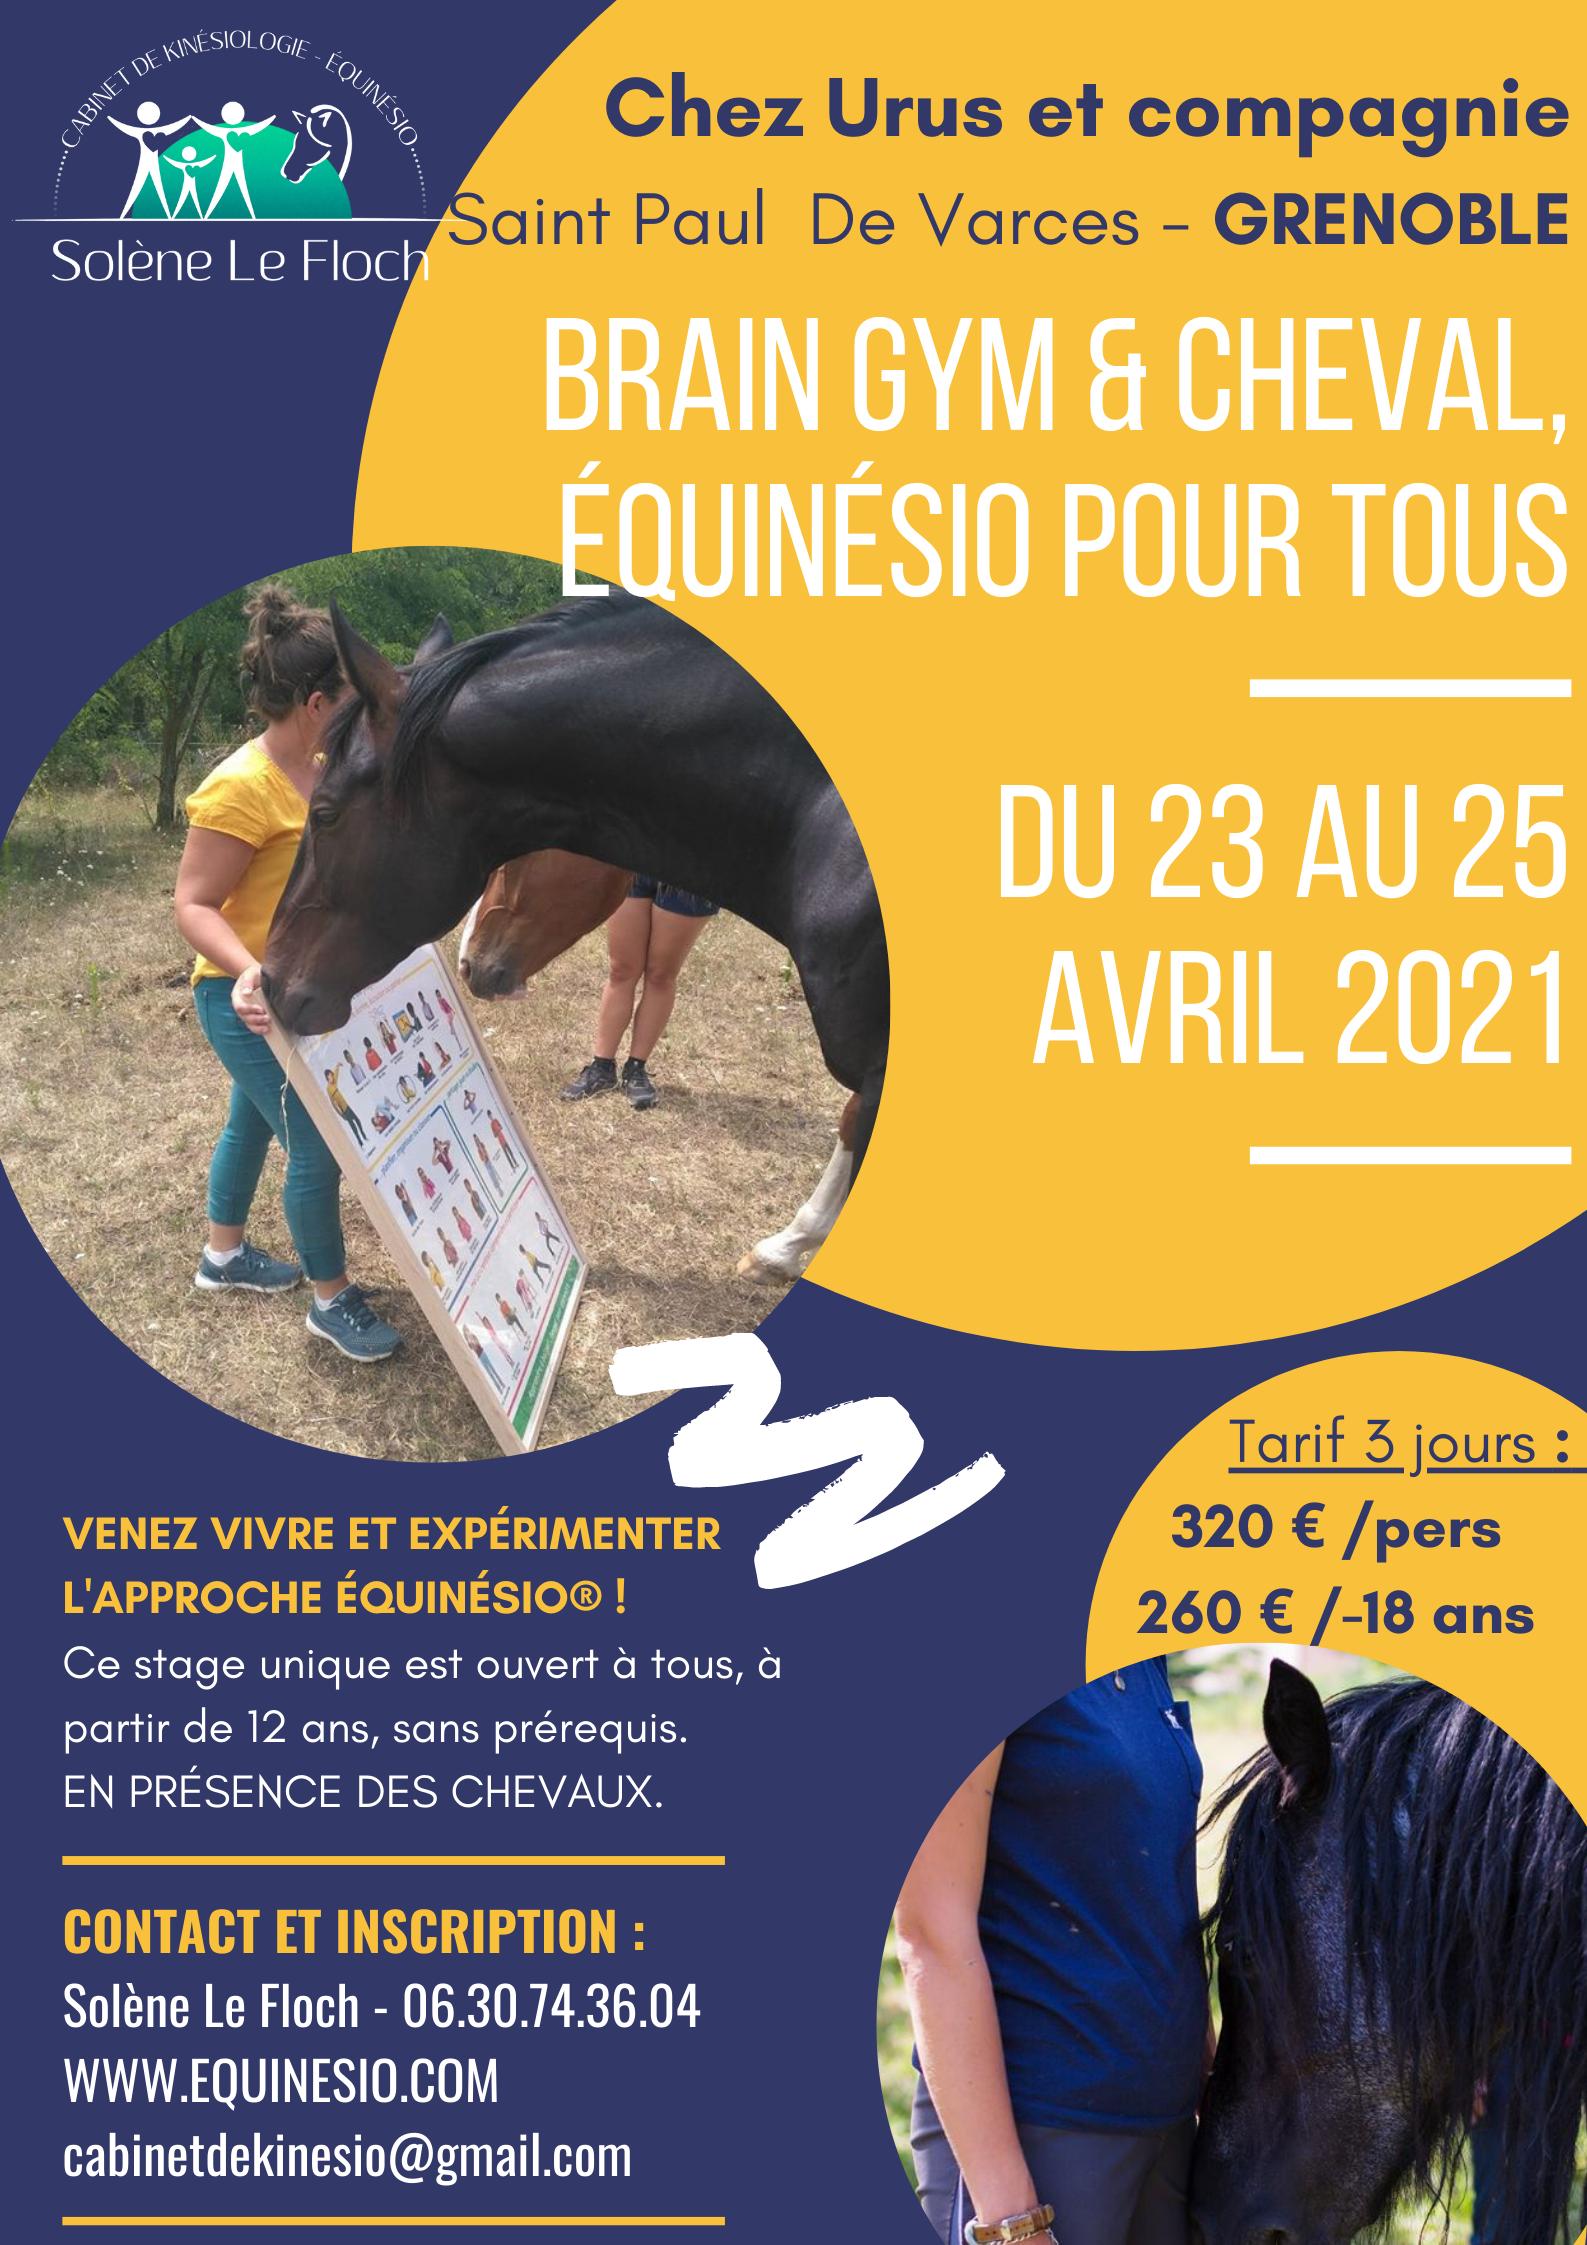 Brain gym & cheval, équinésio pour tous